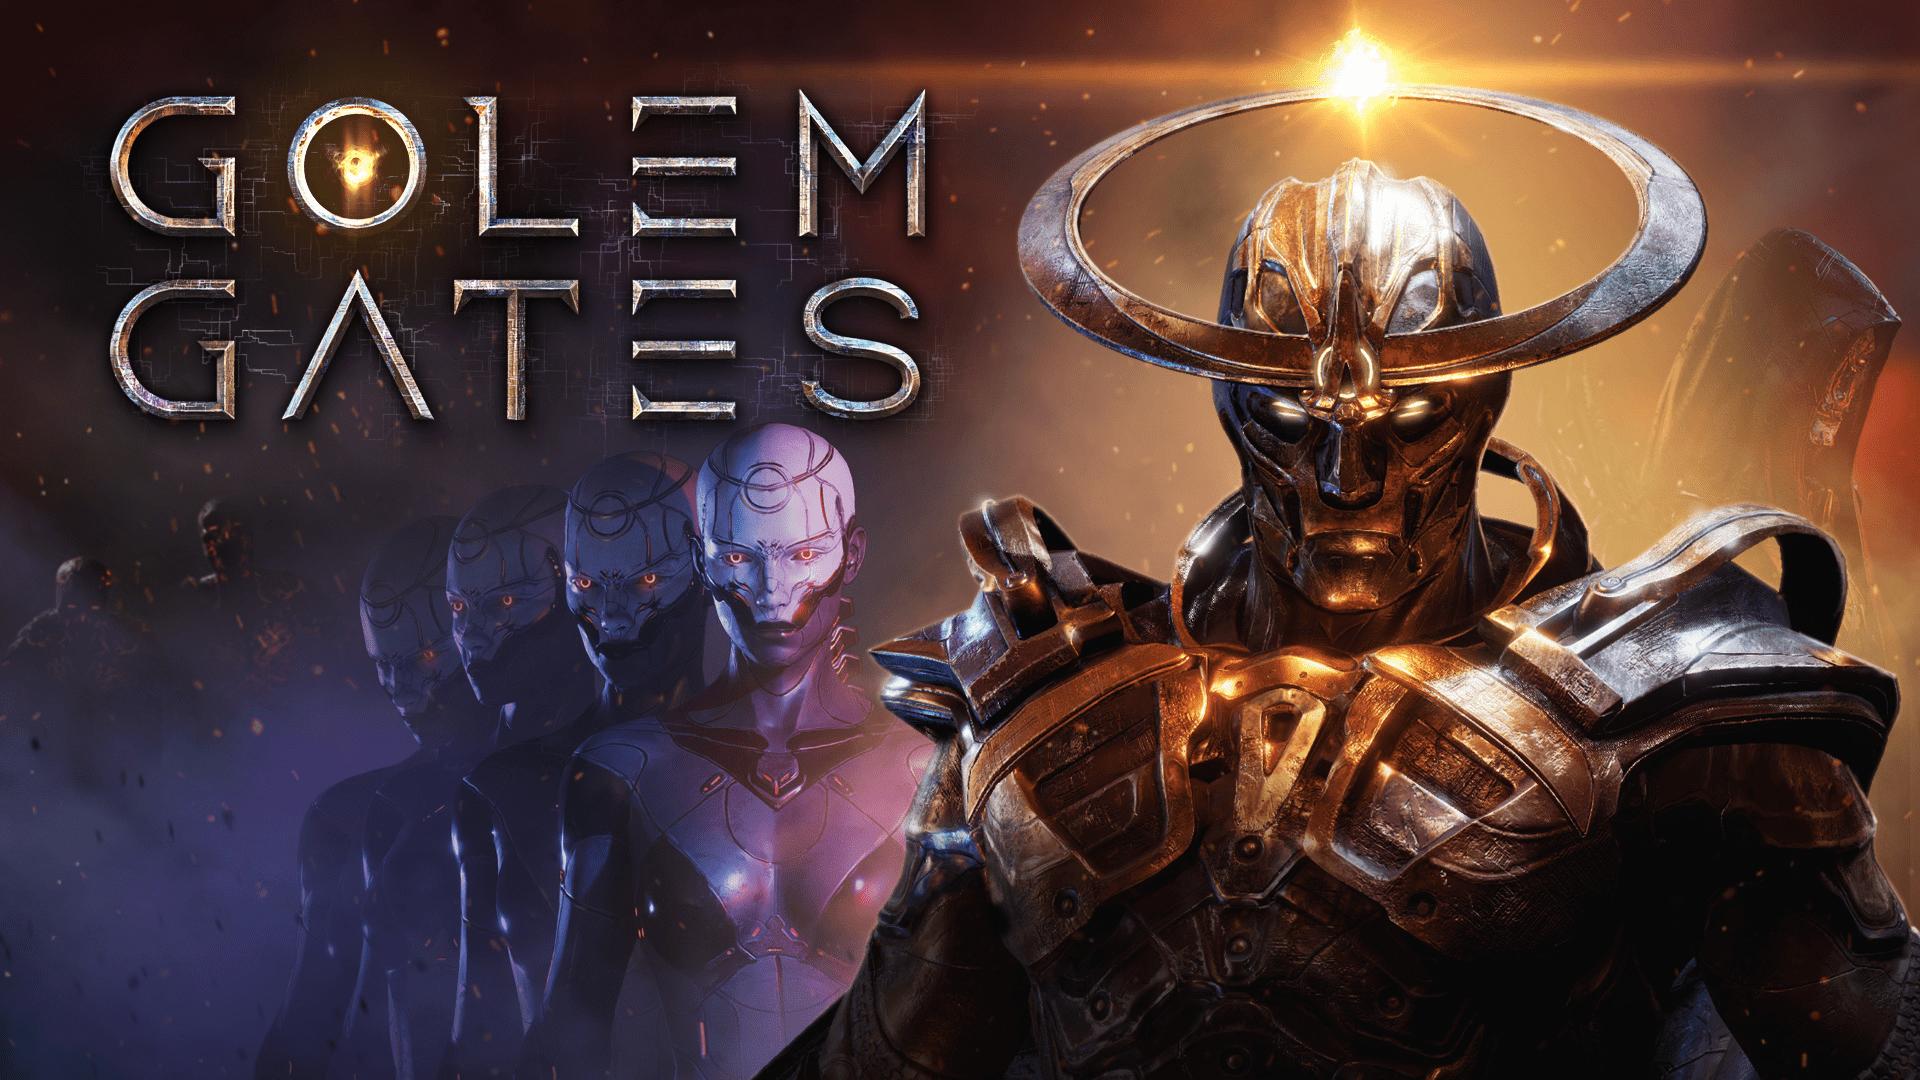 Golem Gates - карточная постапокалиптическая стимпанк стратегия выйдет на Xbox One, PS4 и Swtich